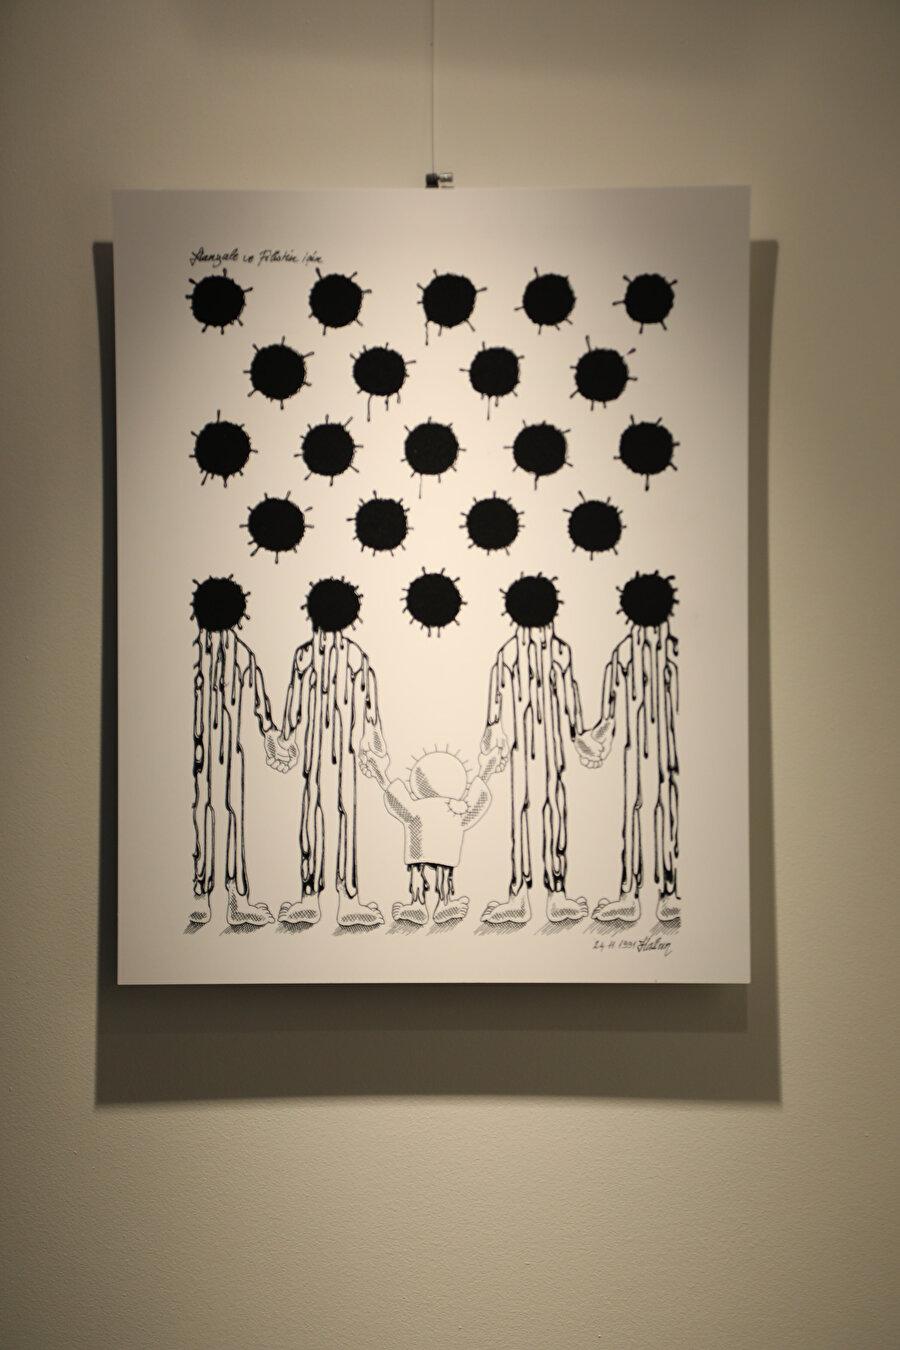 Aycın'ın eserlerinin tamamı siyah-beyaz. Çünkü renkli çalışmalarda insani olmaklıkla ilgili temel kaygısını ifade etme şansı olmadığını söylüyor.